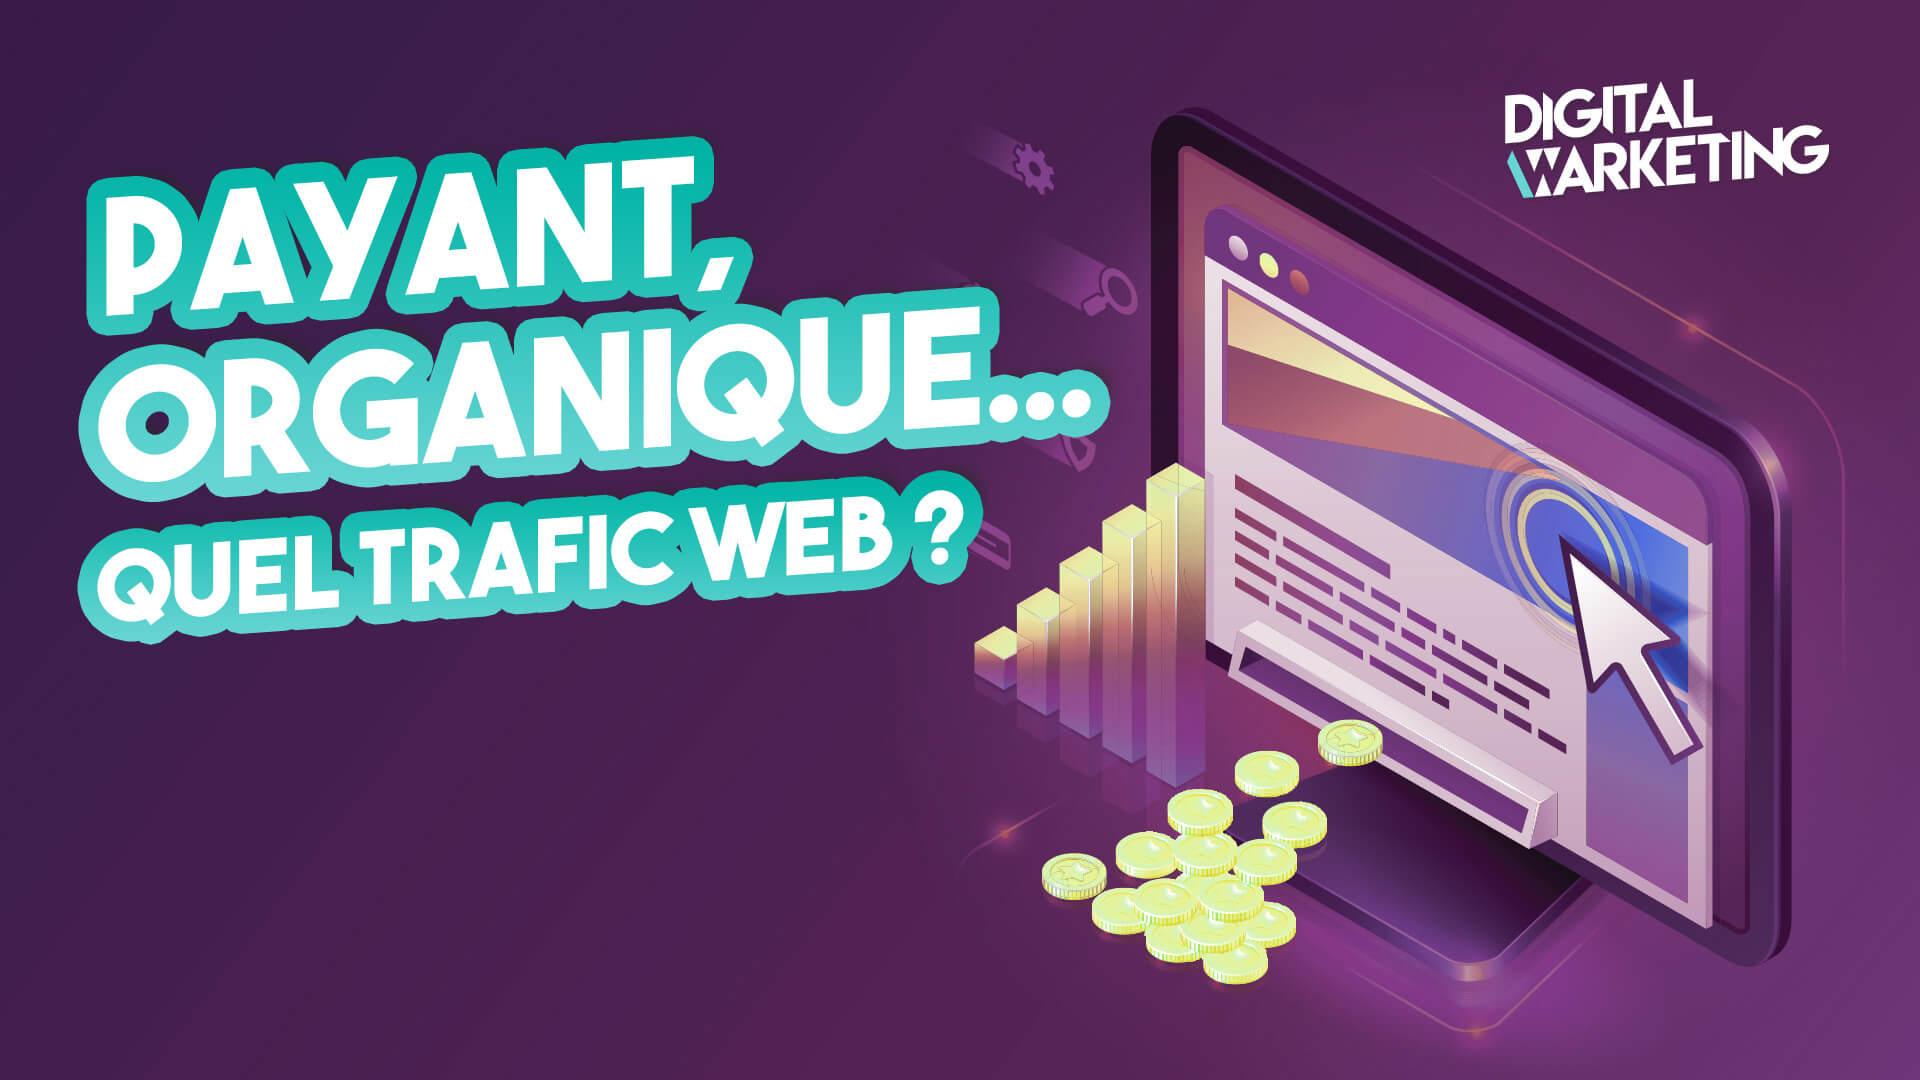 Payant, organique : Quel trafic web pour votre stratégie marketing digital ?